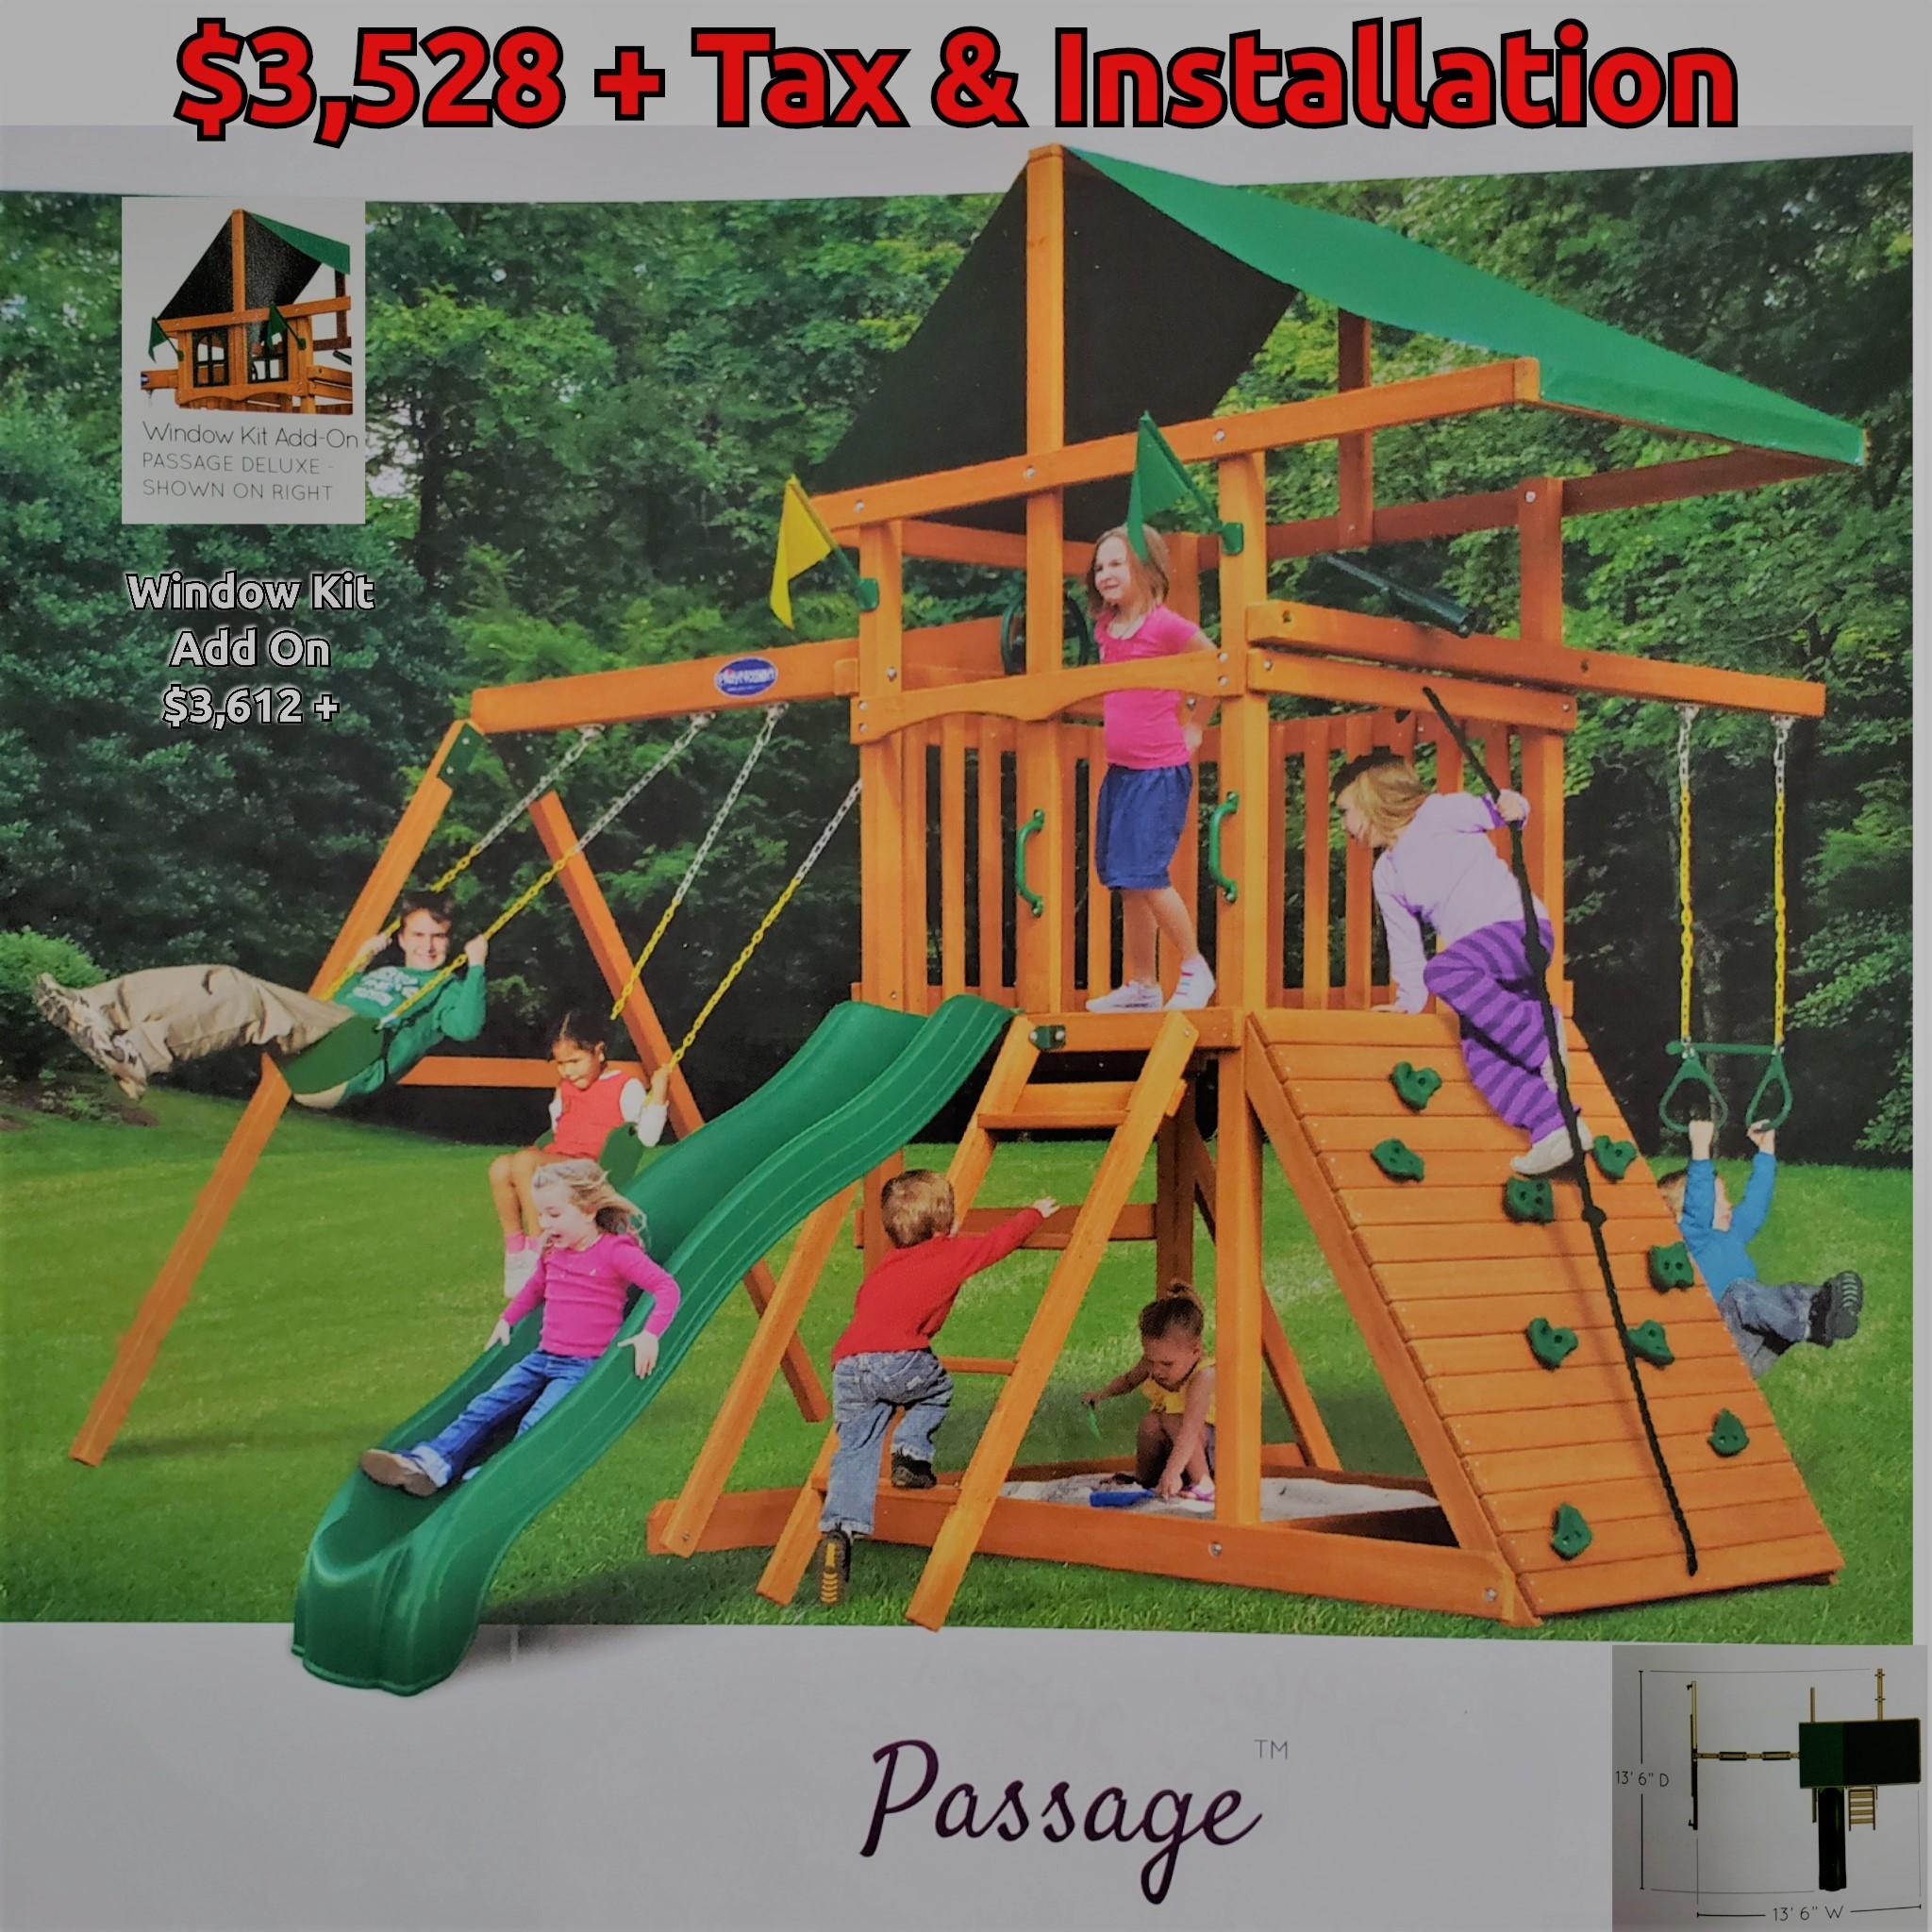 Passage 1 2021 - $3,528